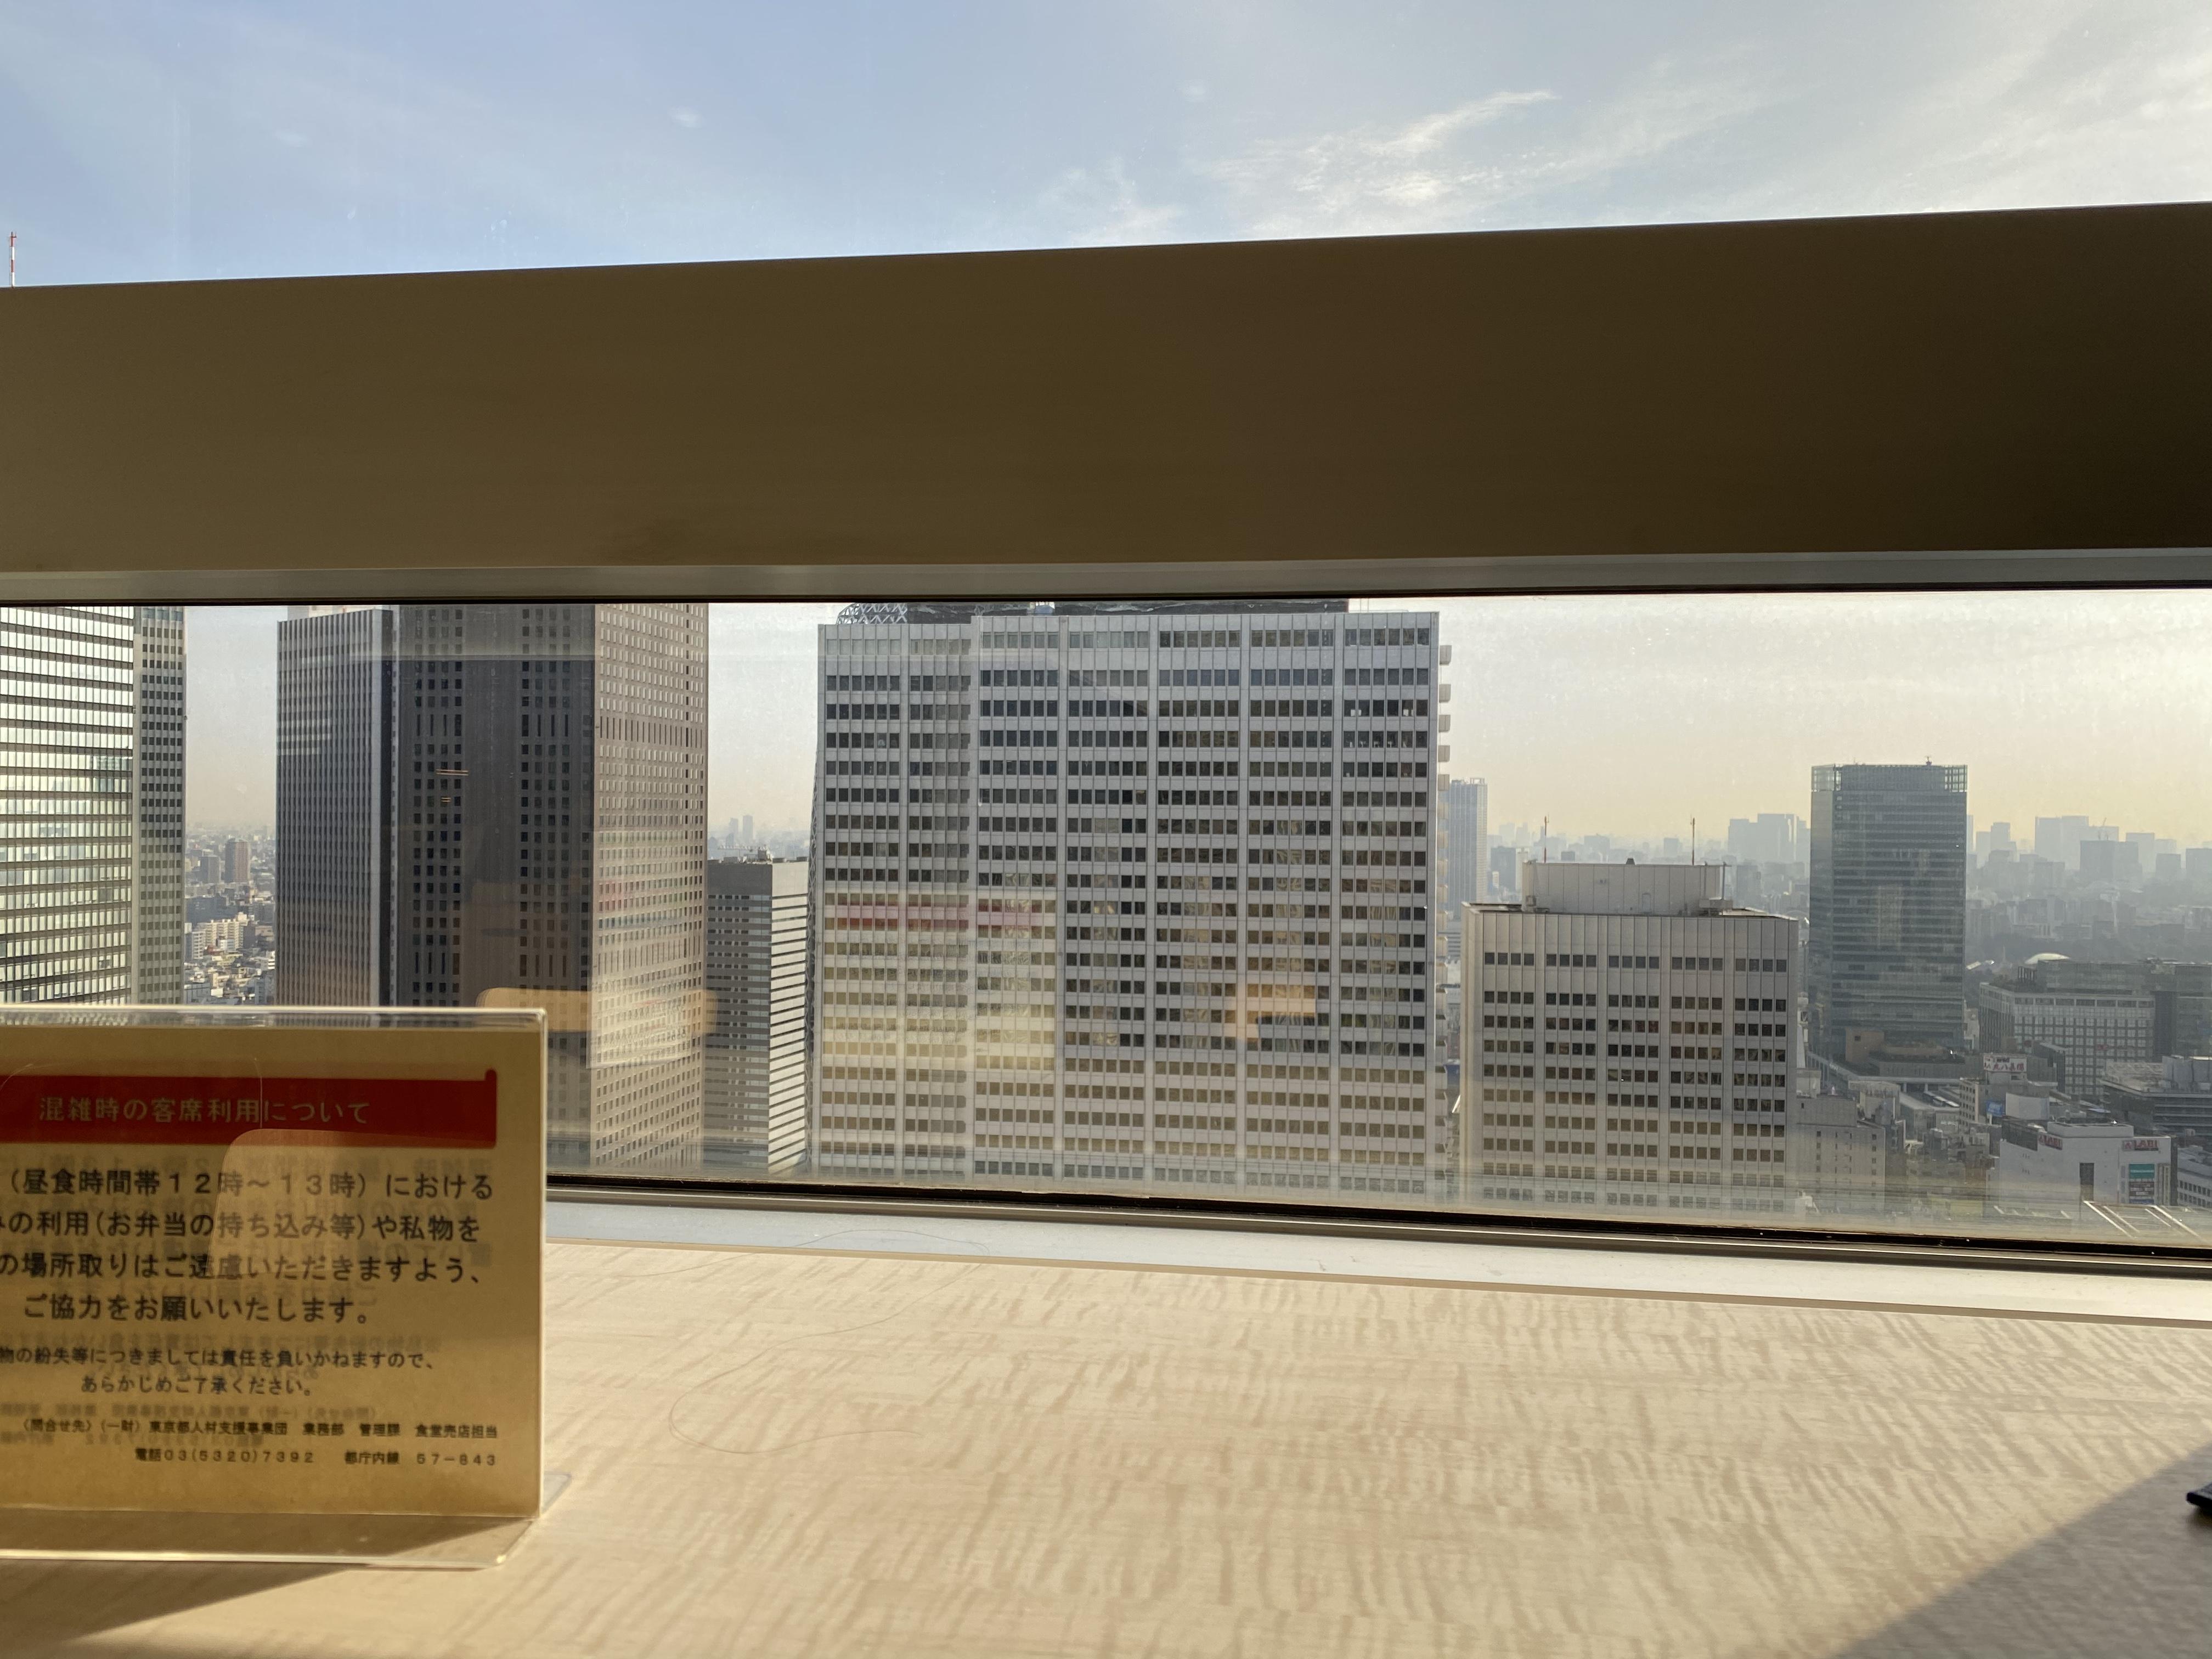 食堂 都庁 【ひとりで入れる】東京都庁第一本庁舎32階 職員食堂で絶景ひとりランチ